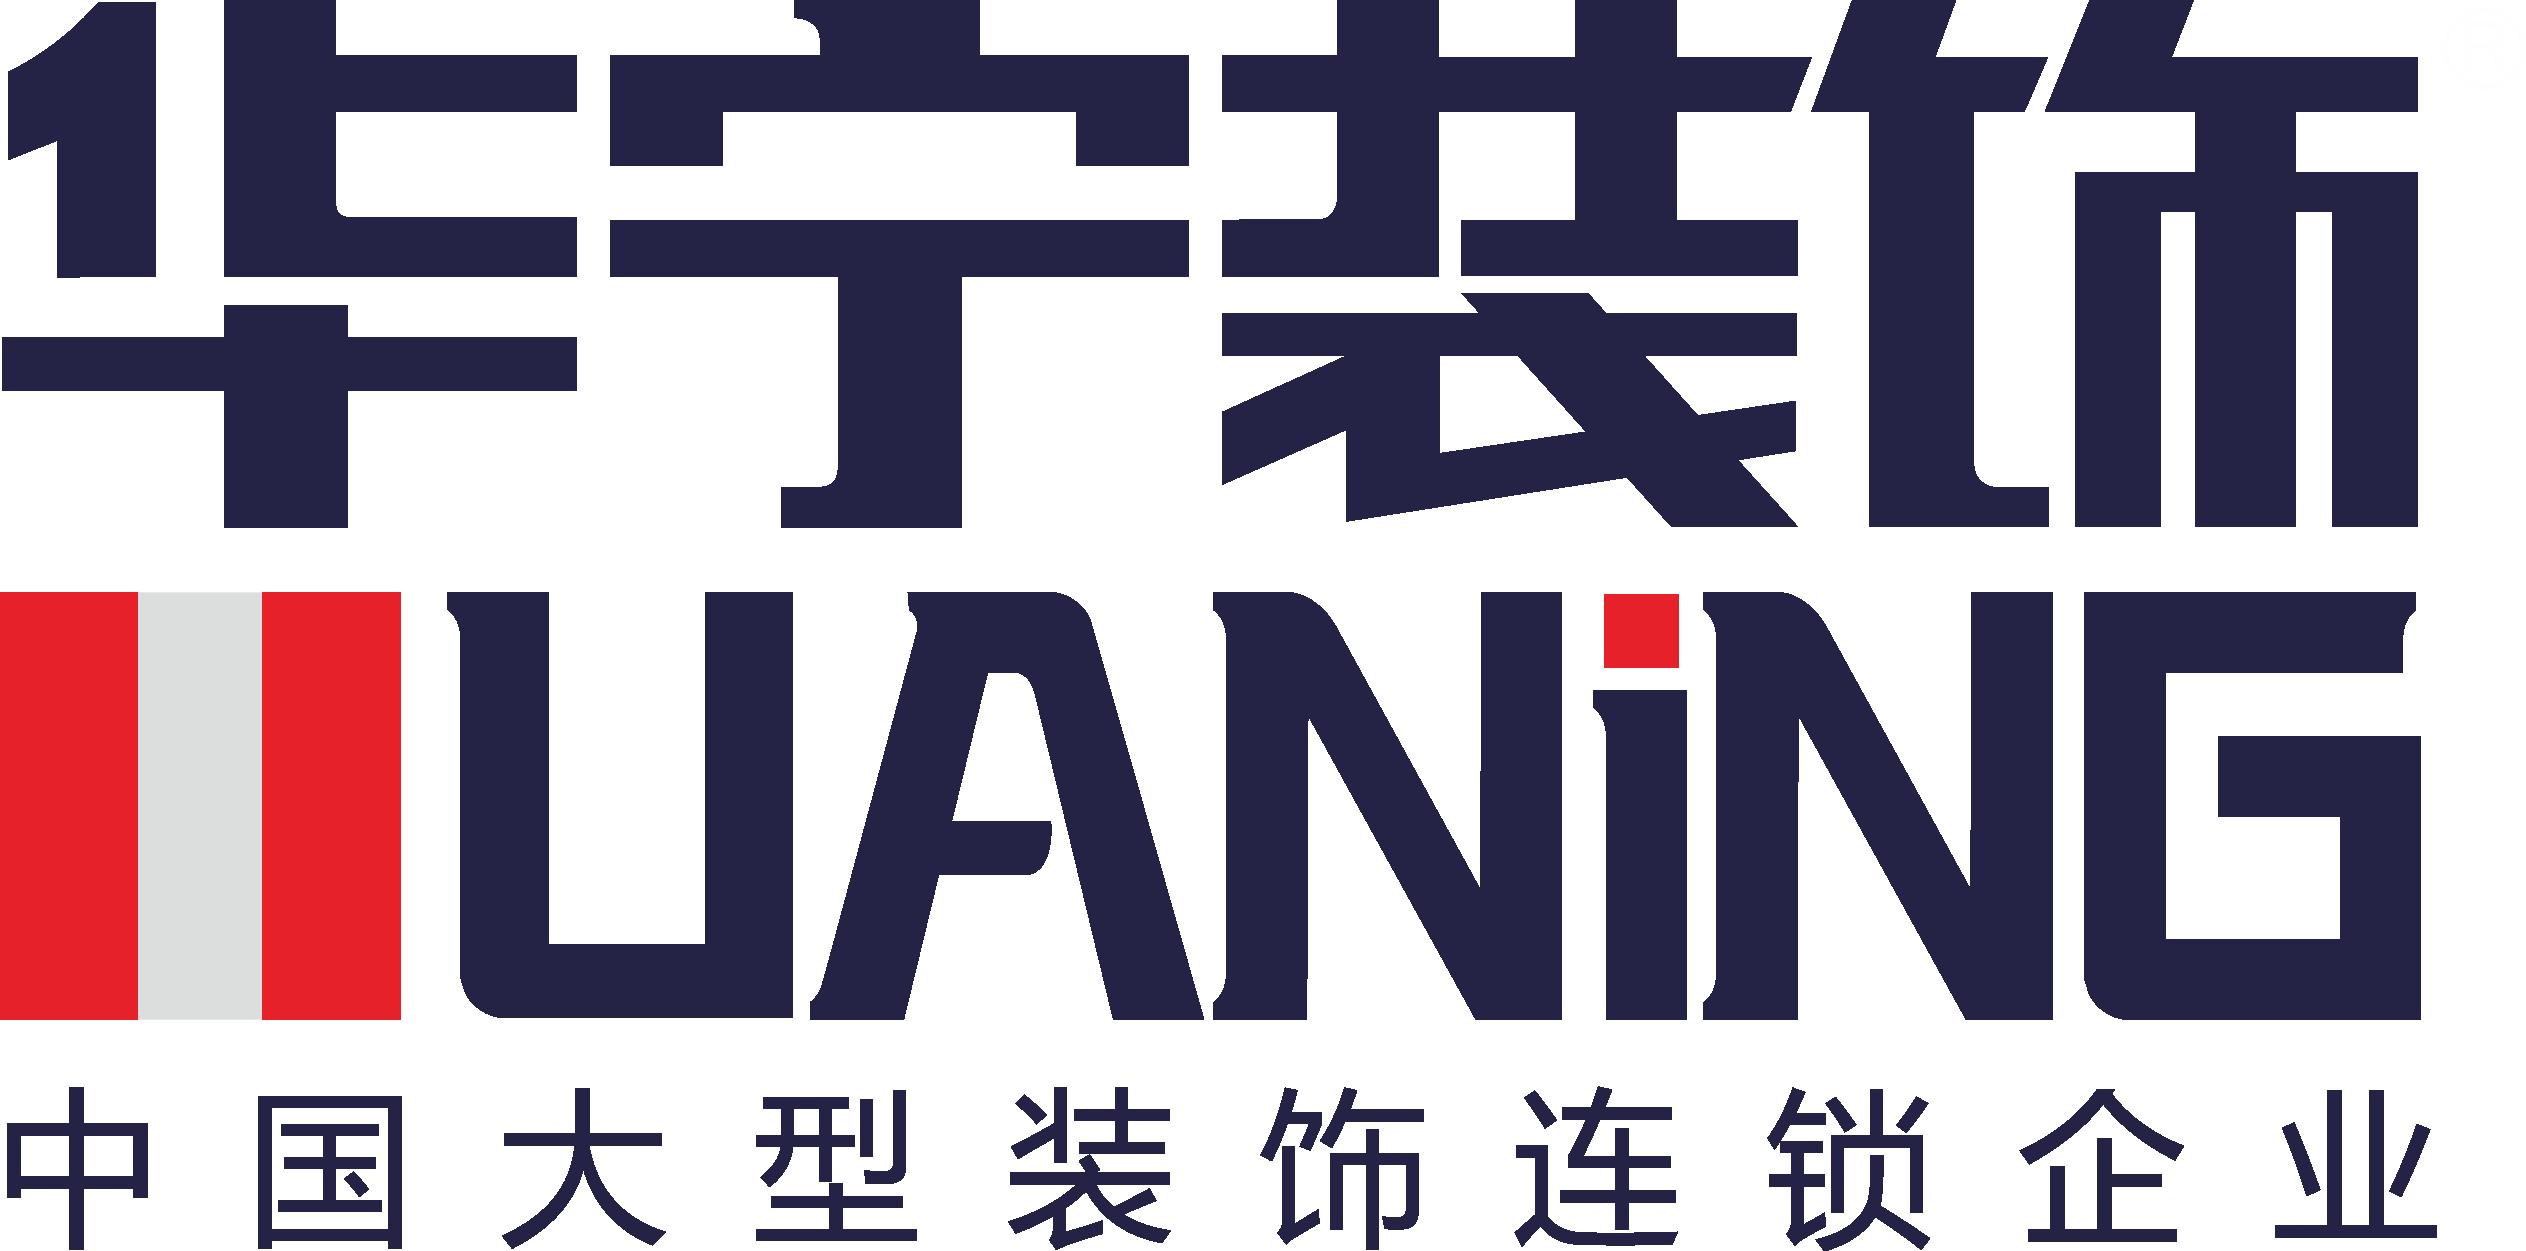 华宁装饰工程有限公司